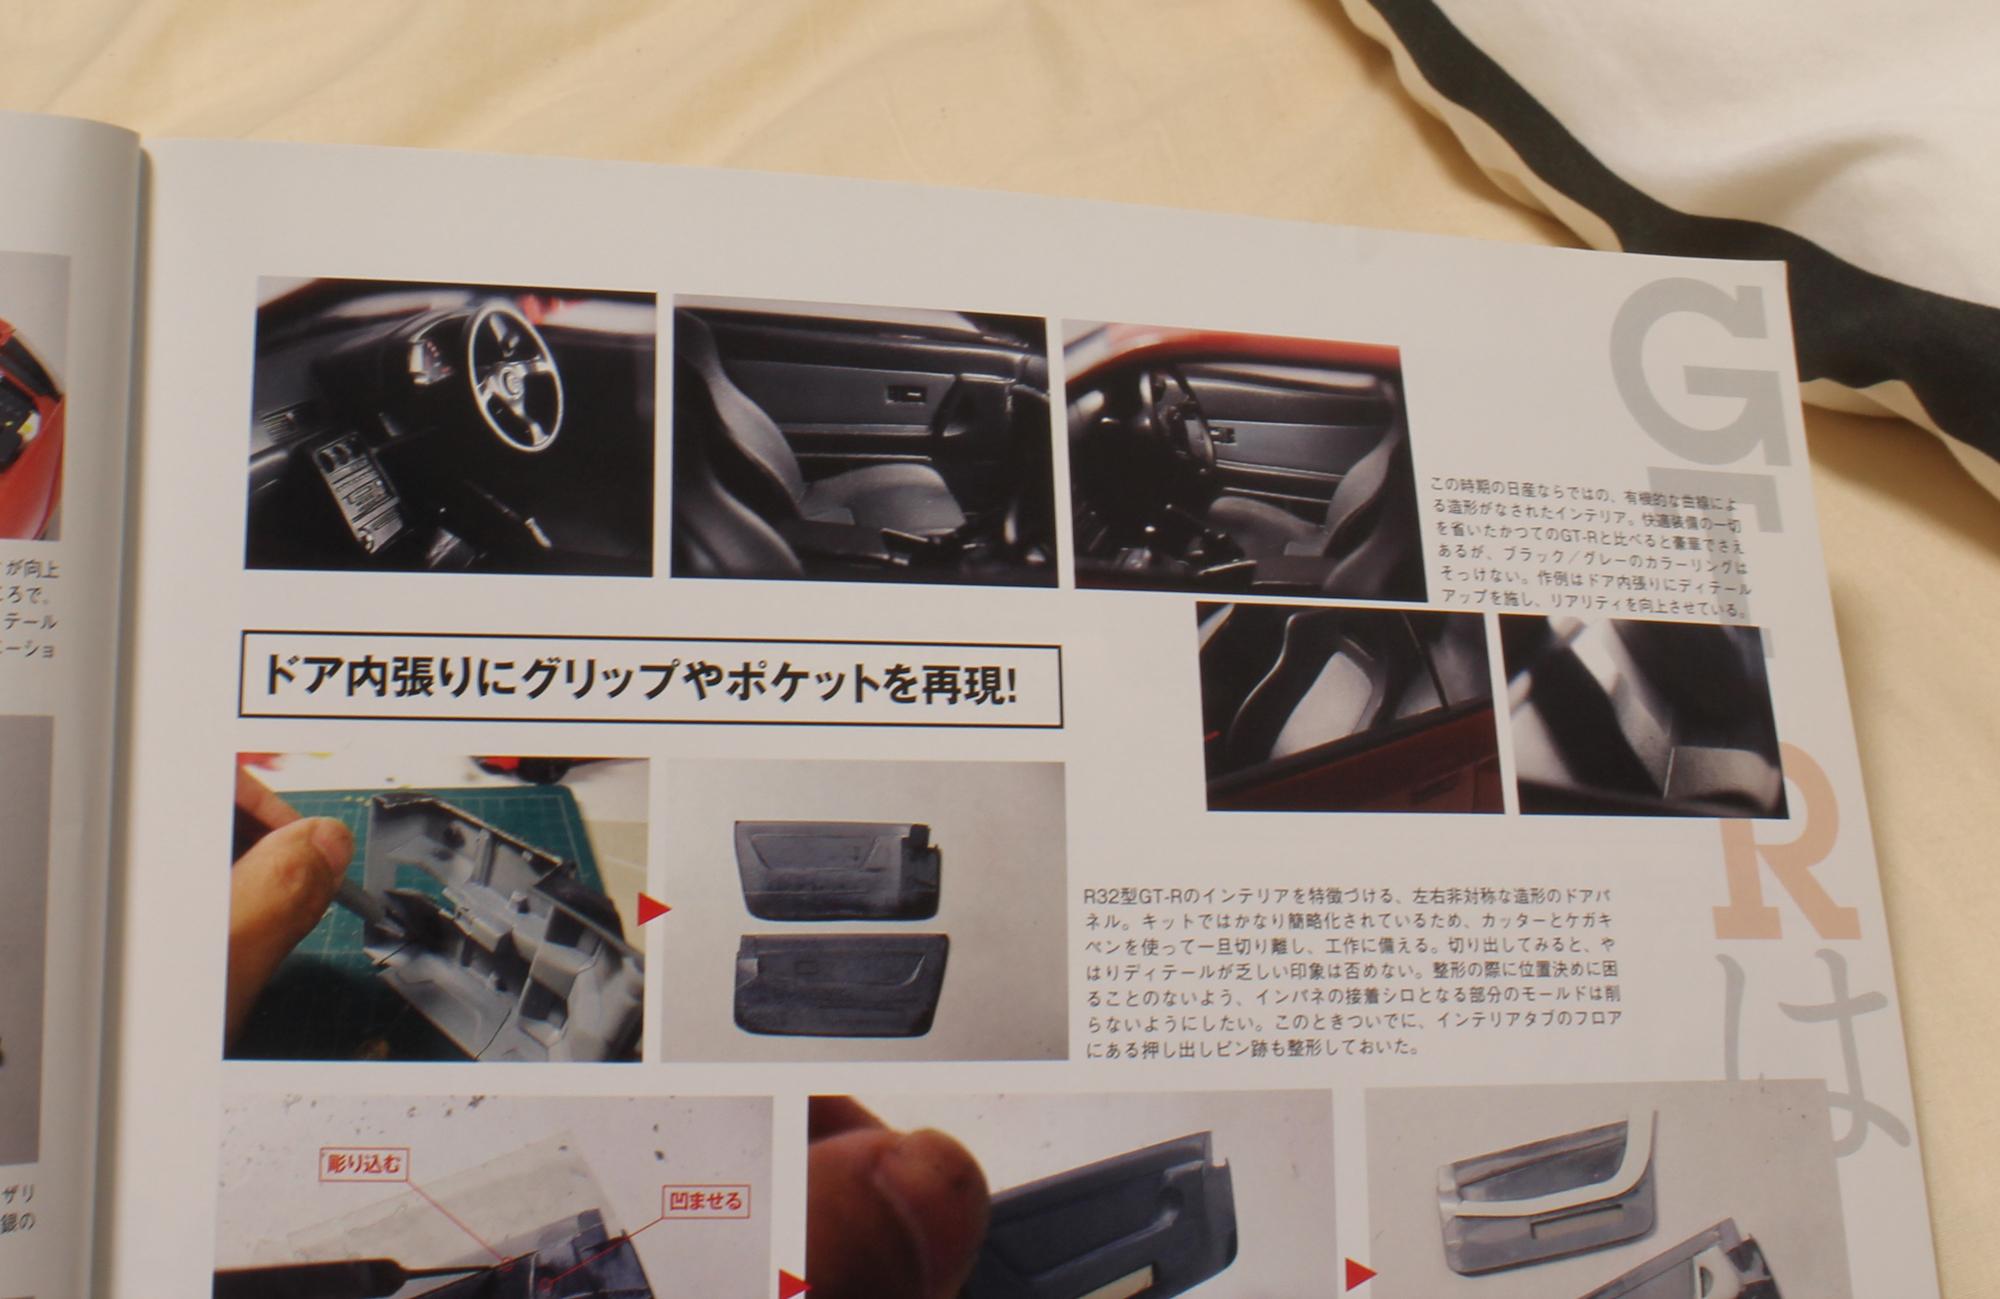 R32雑誌モデルカー記事